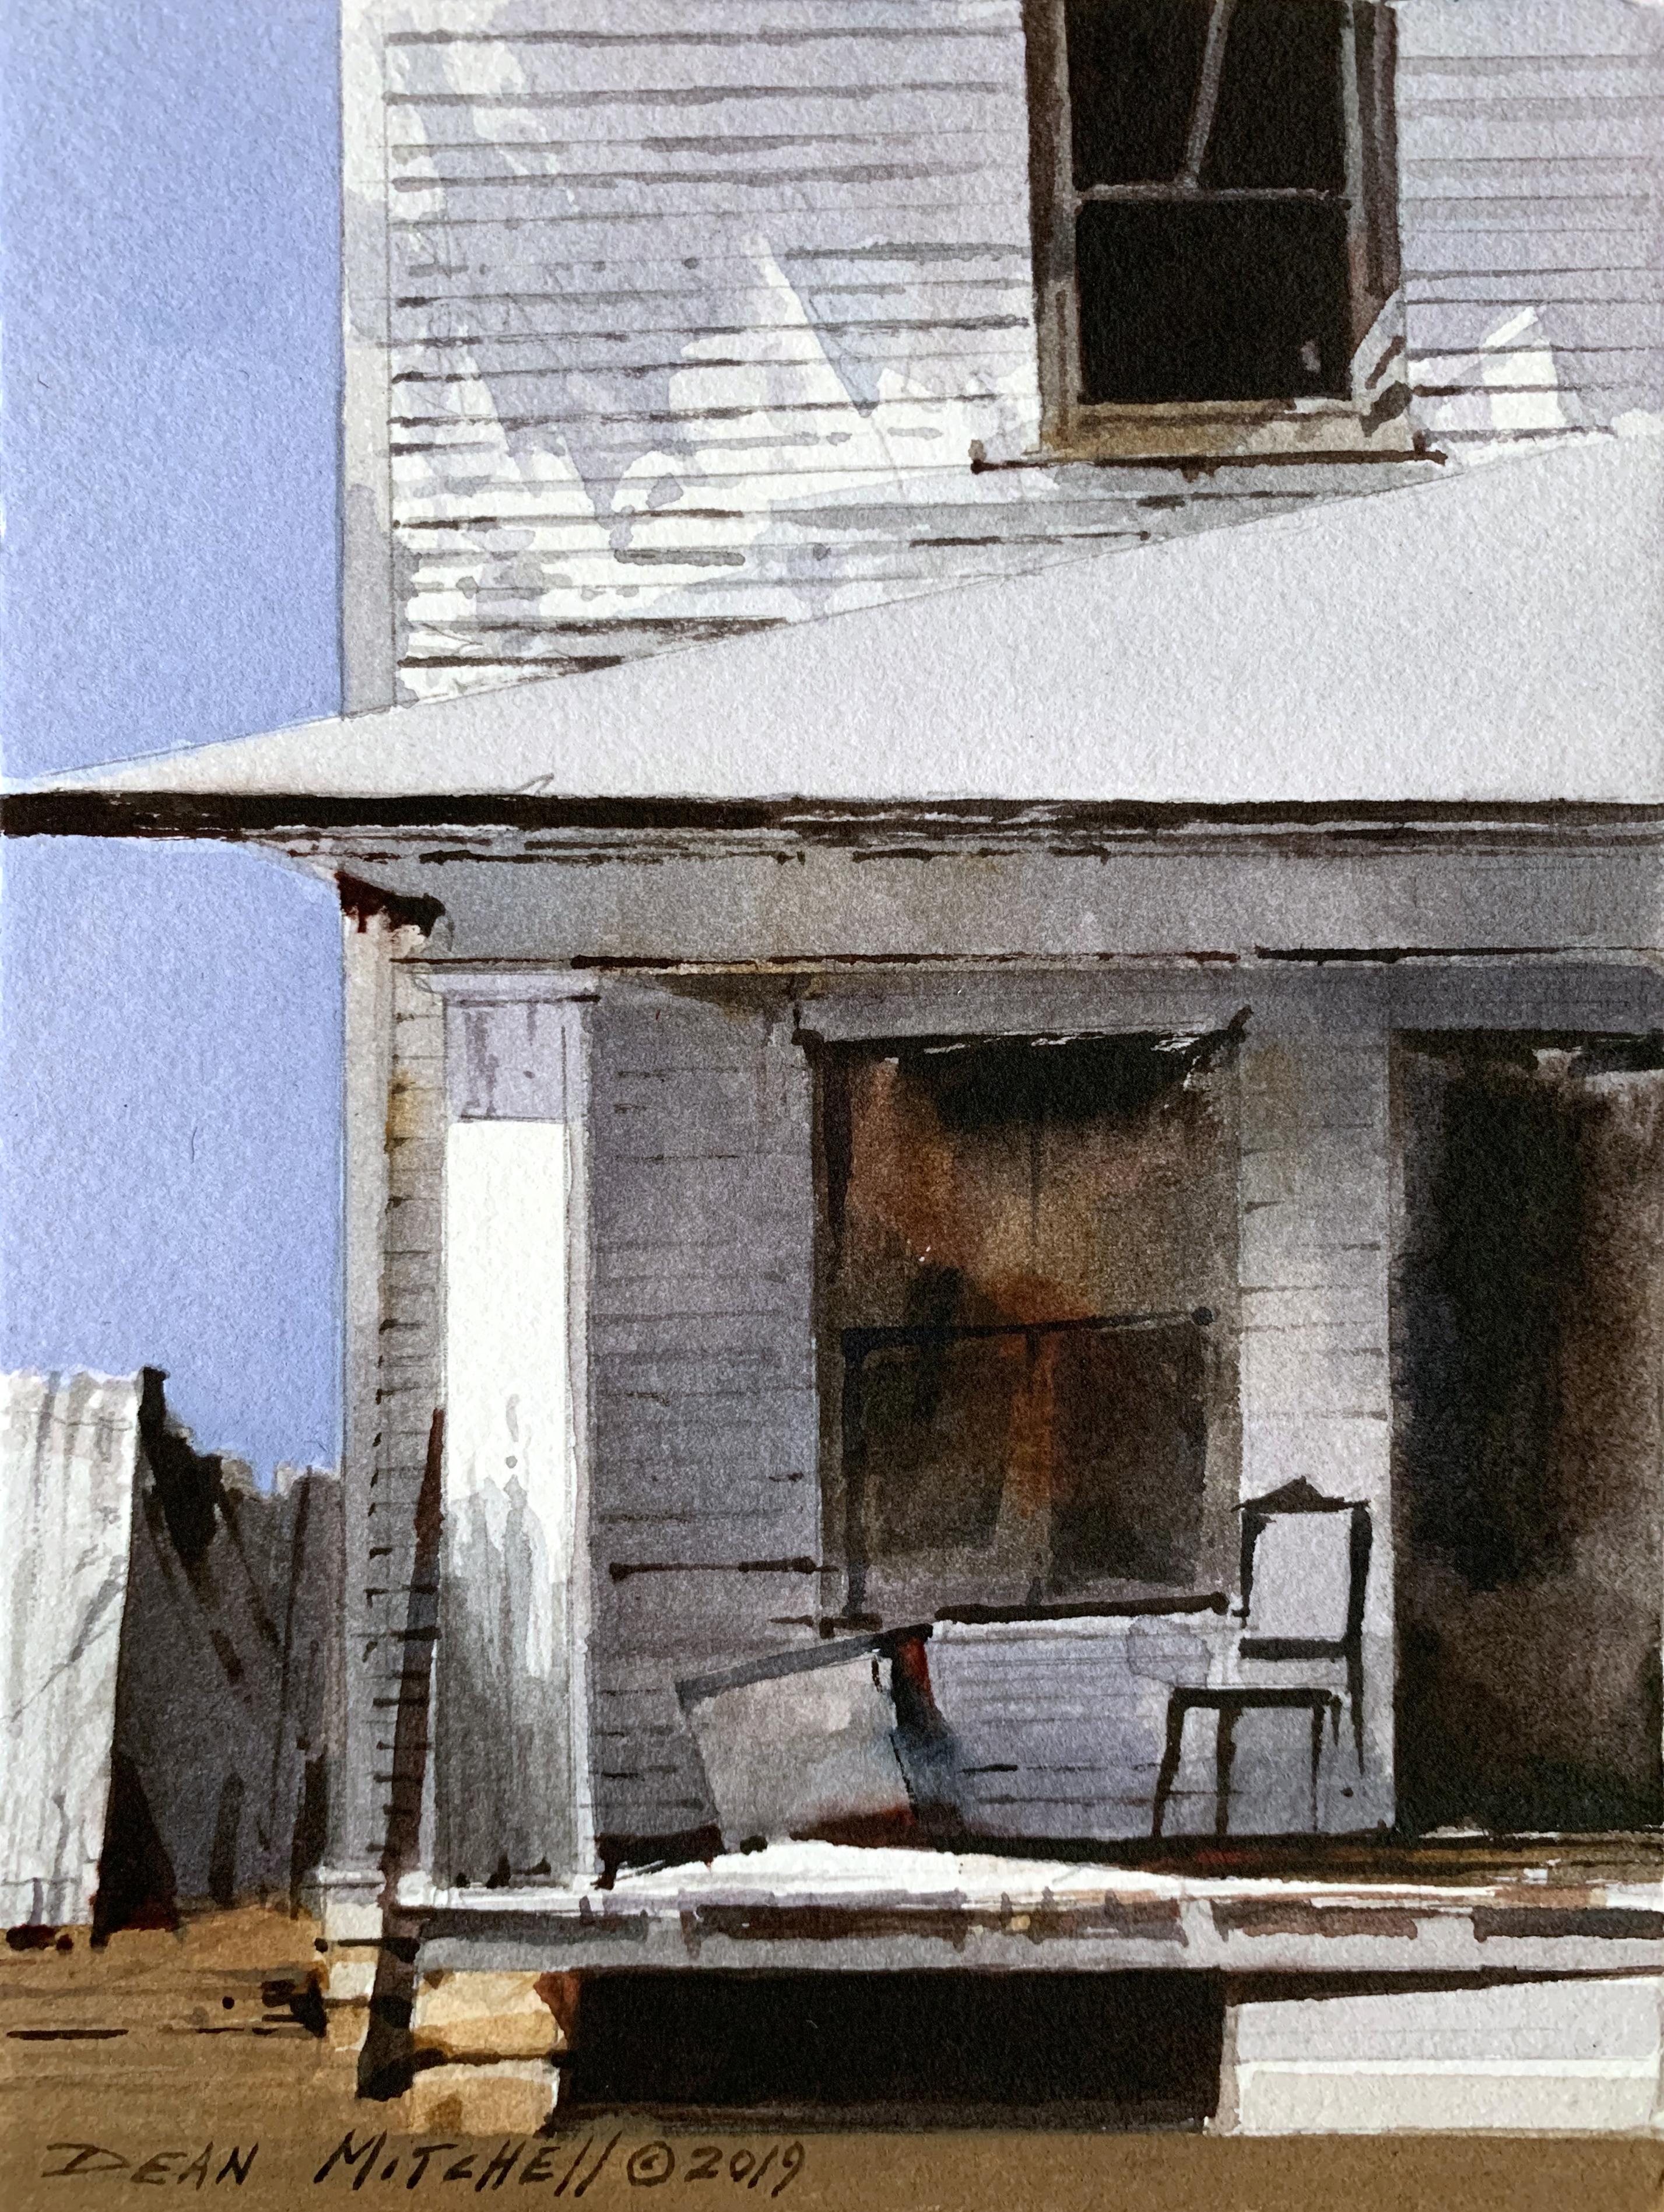 Dean Mitchell - Osage Porch